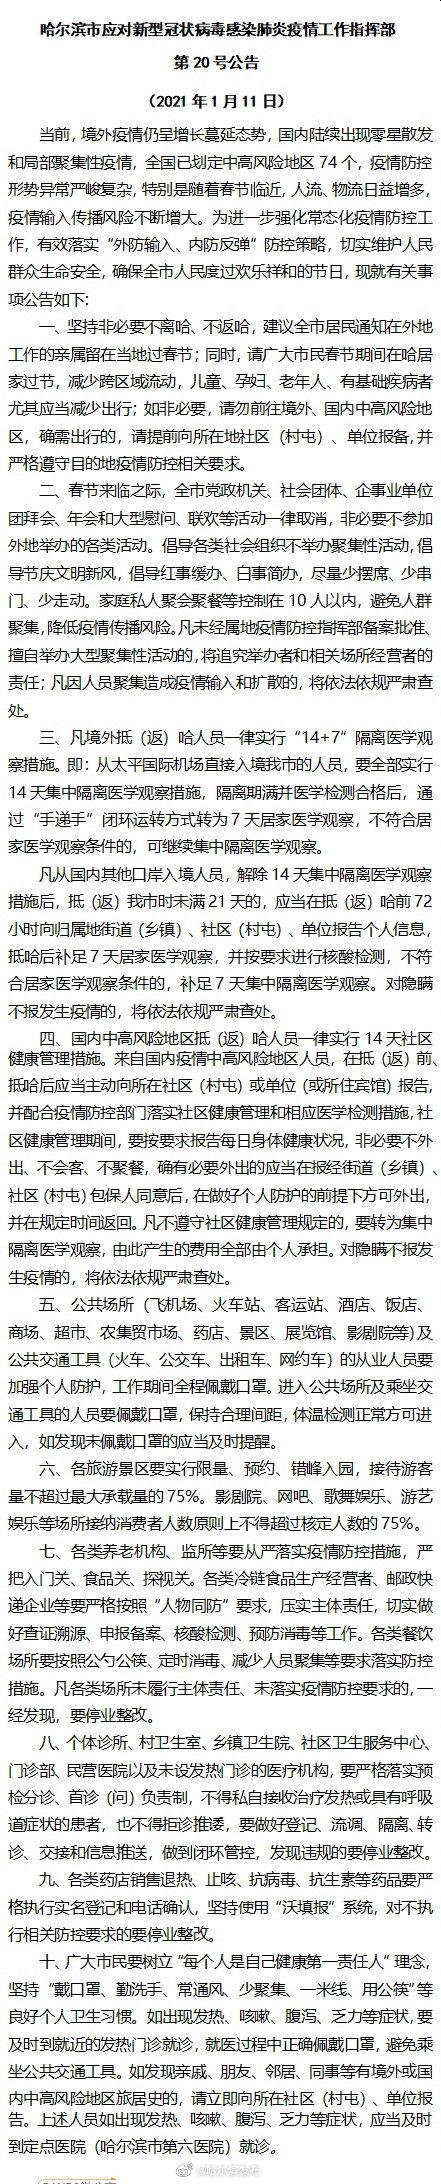 哈尔滨发现1例确诊病例 为望奎县返哈人员